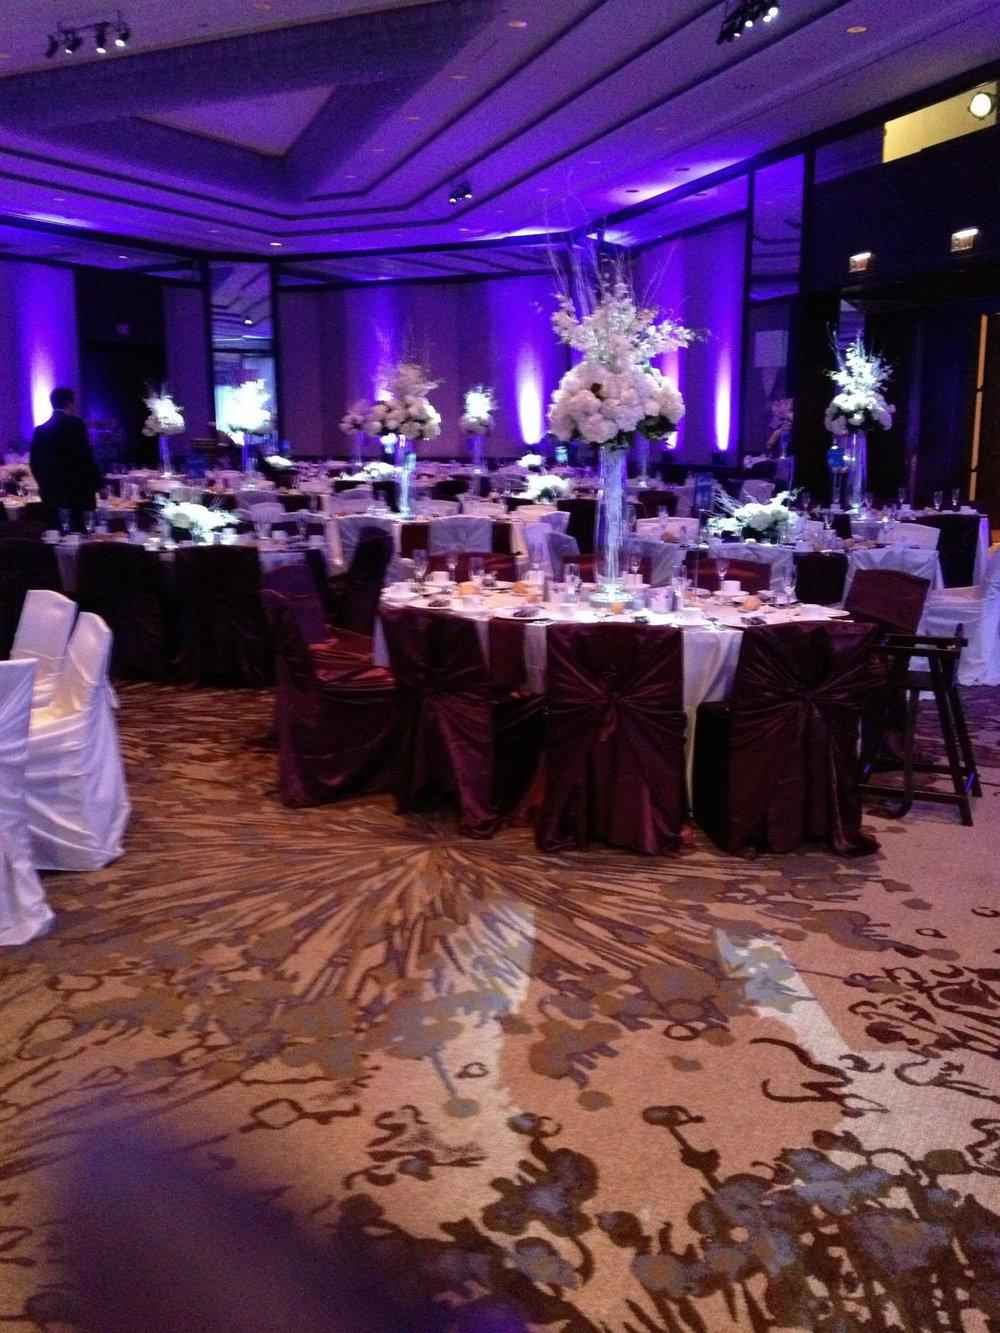 chair-covers-pittsburgh-weddings-5.jpg